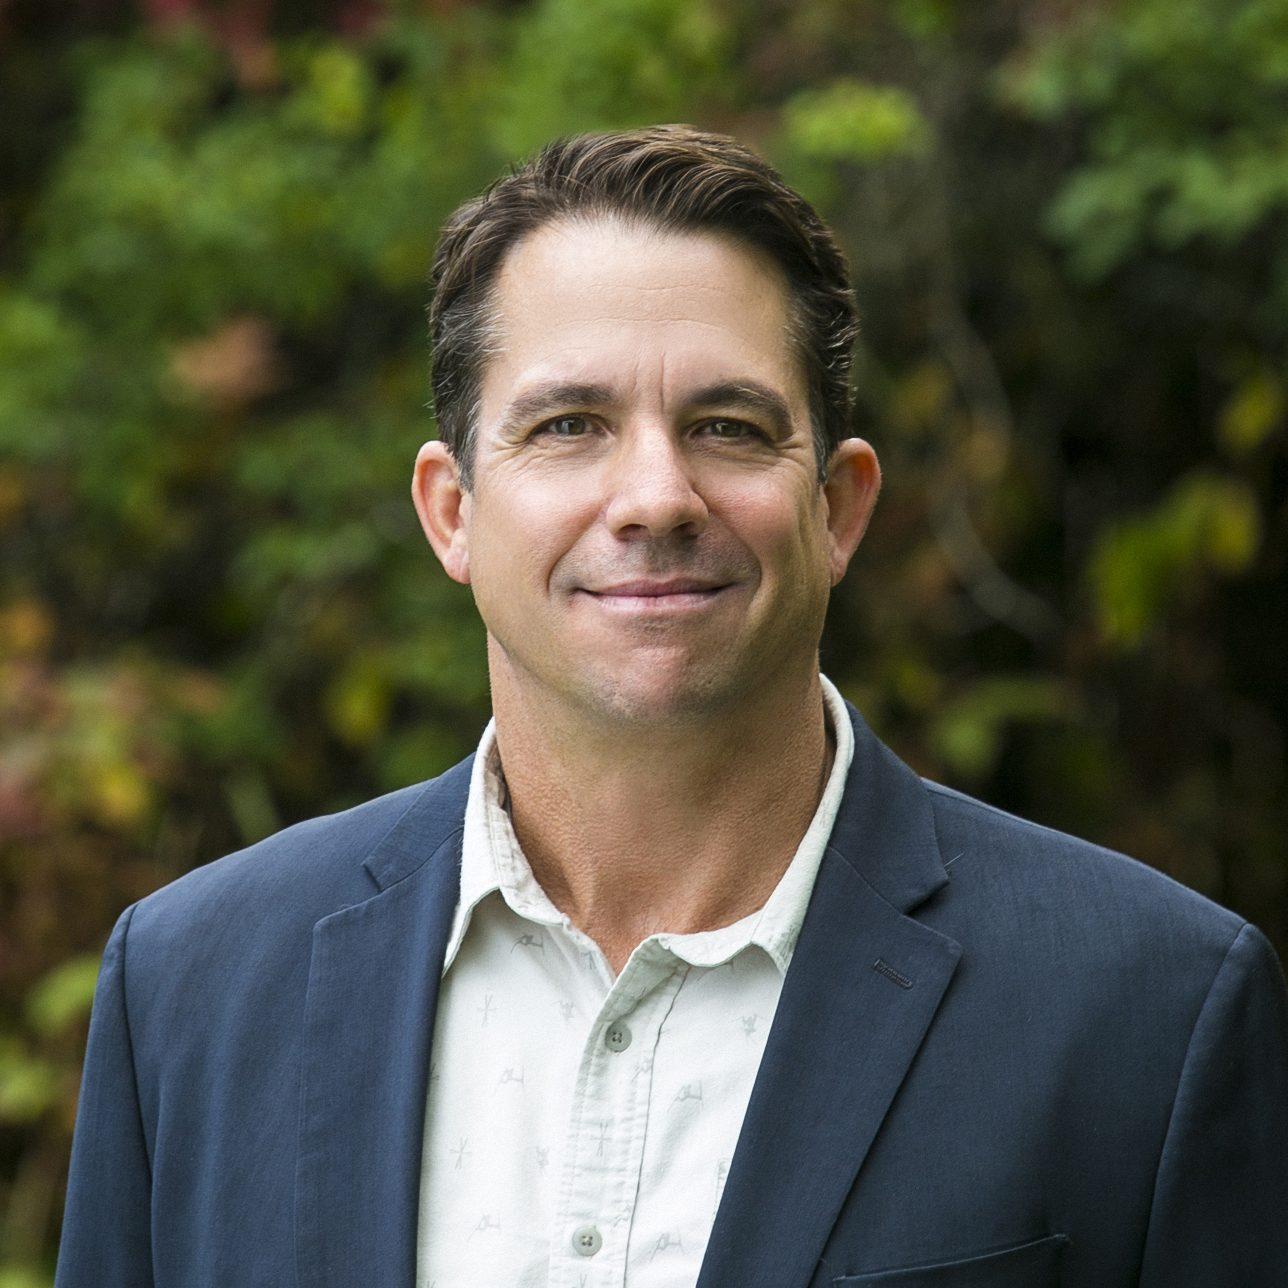 Chad Farrell